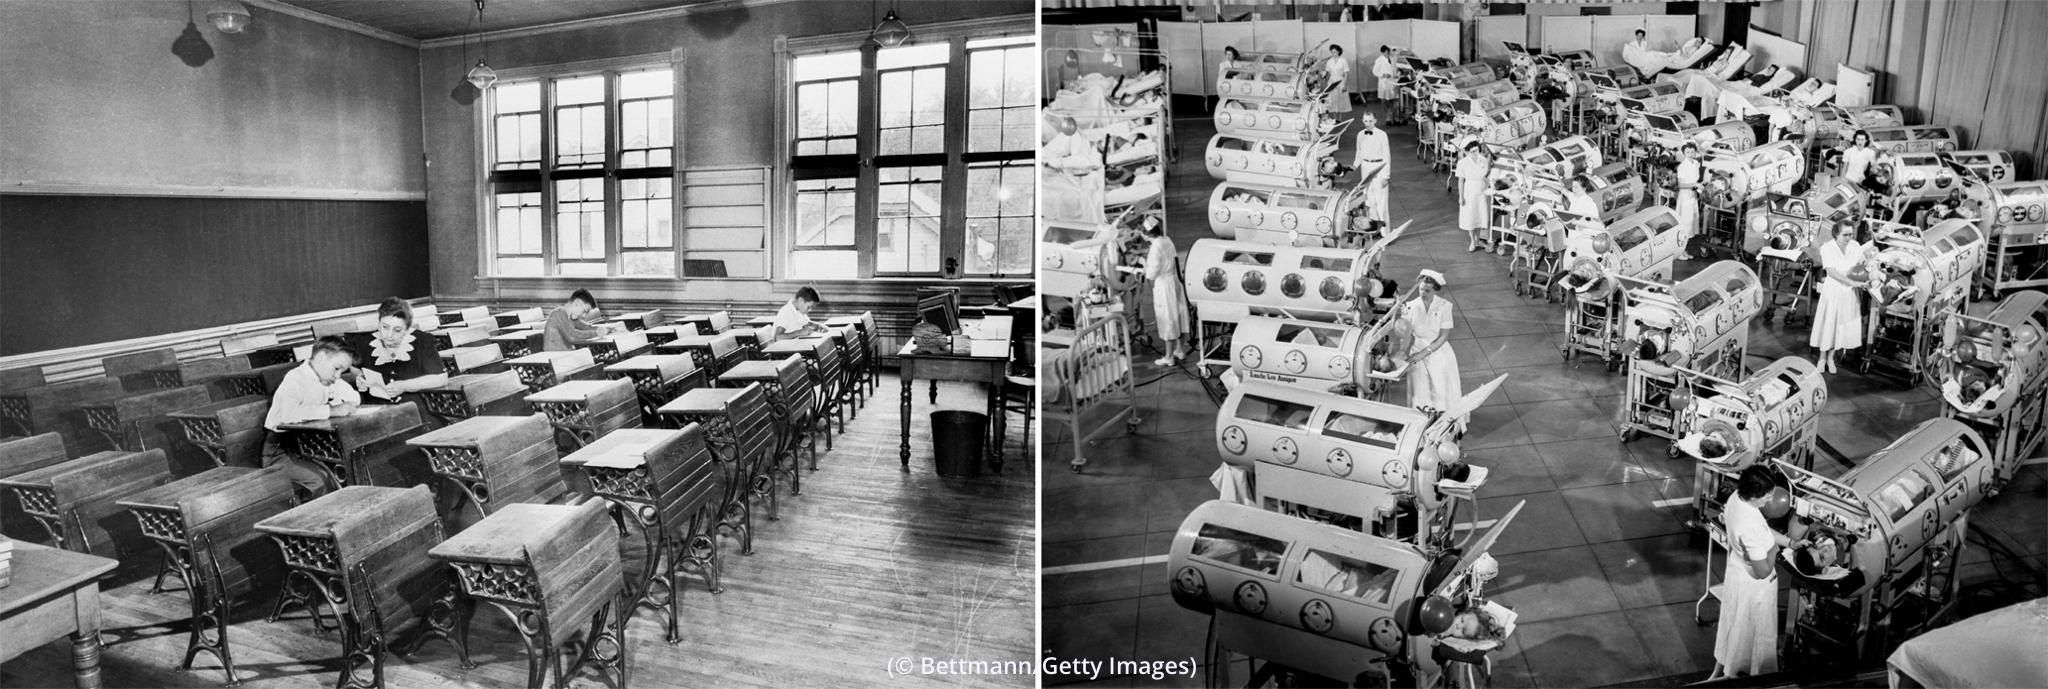 بائیں: تقریباً خالی کمرہ جماعت۔ دائیں: ہسپتال کے ایک وارڈ میں آئرن لنگز نامی بستروں پر لیٹے مرِیضوں کا بلندی سے ایک منظر۔ (© Bettmann/Getty Images)